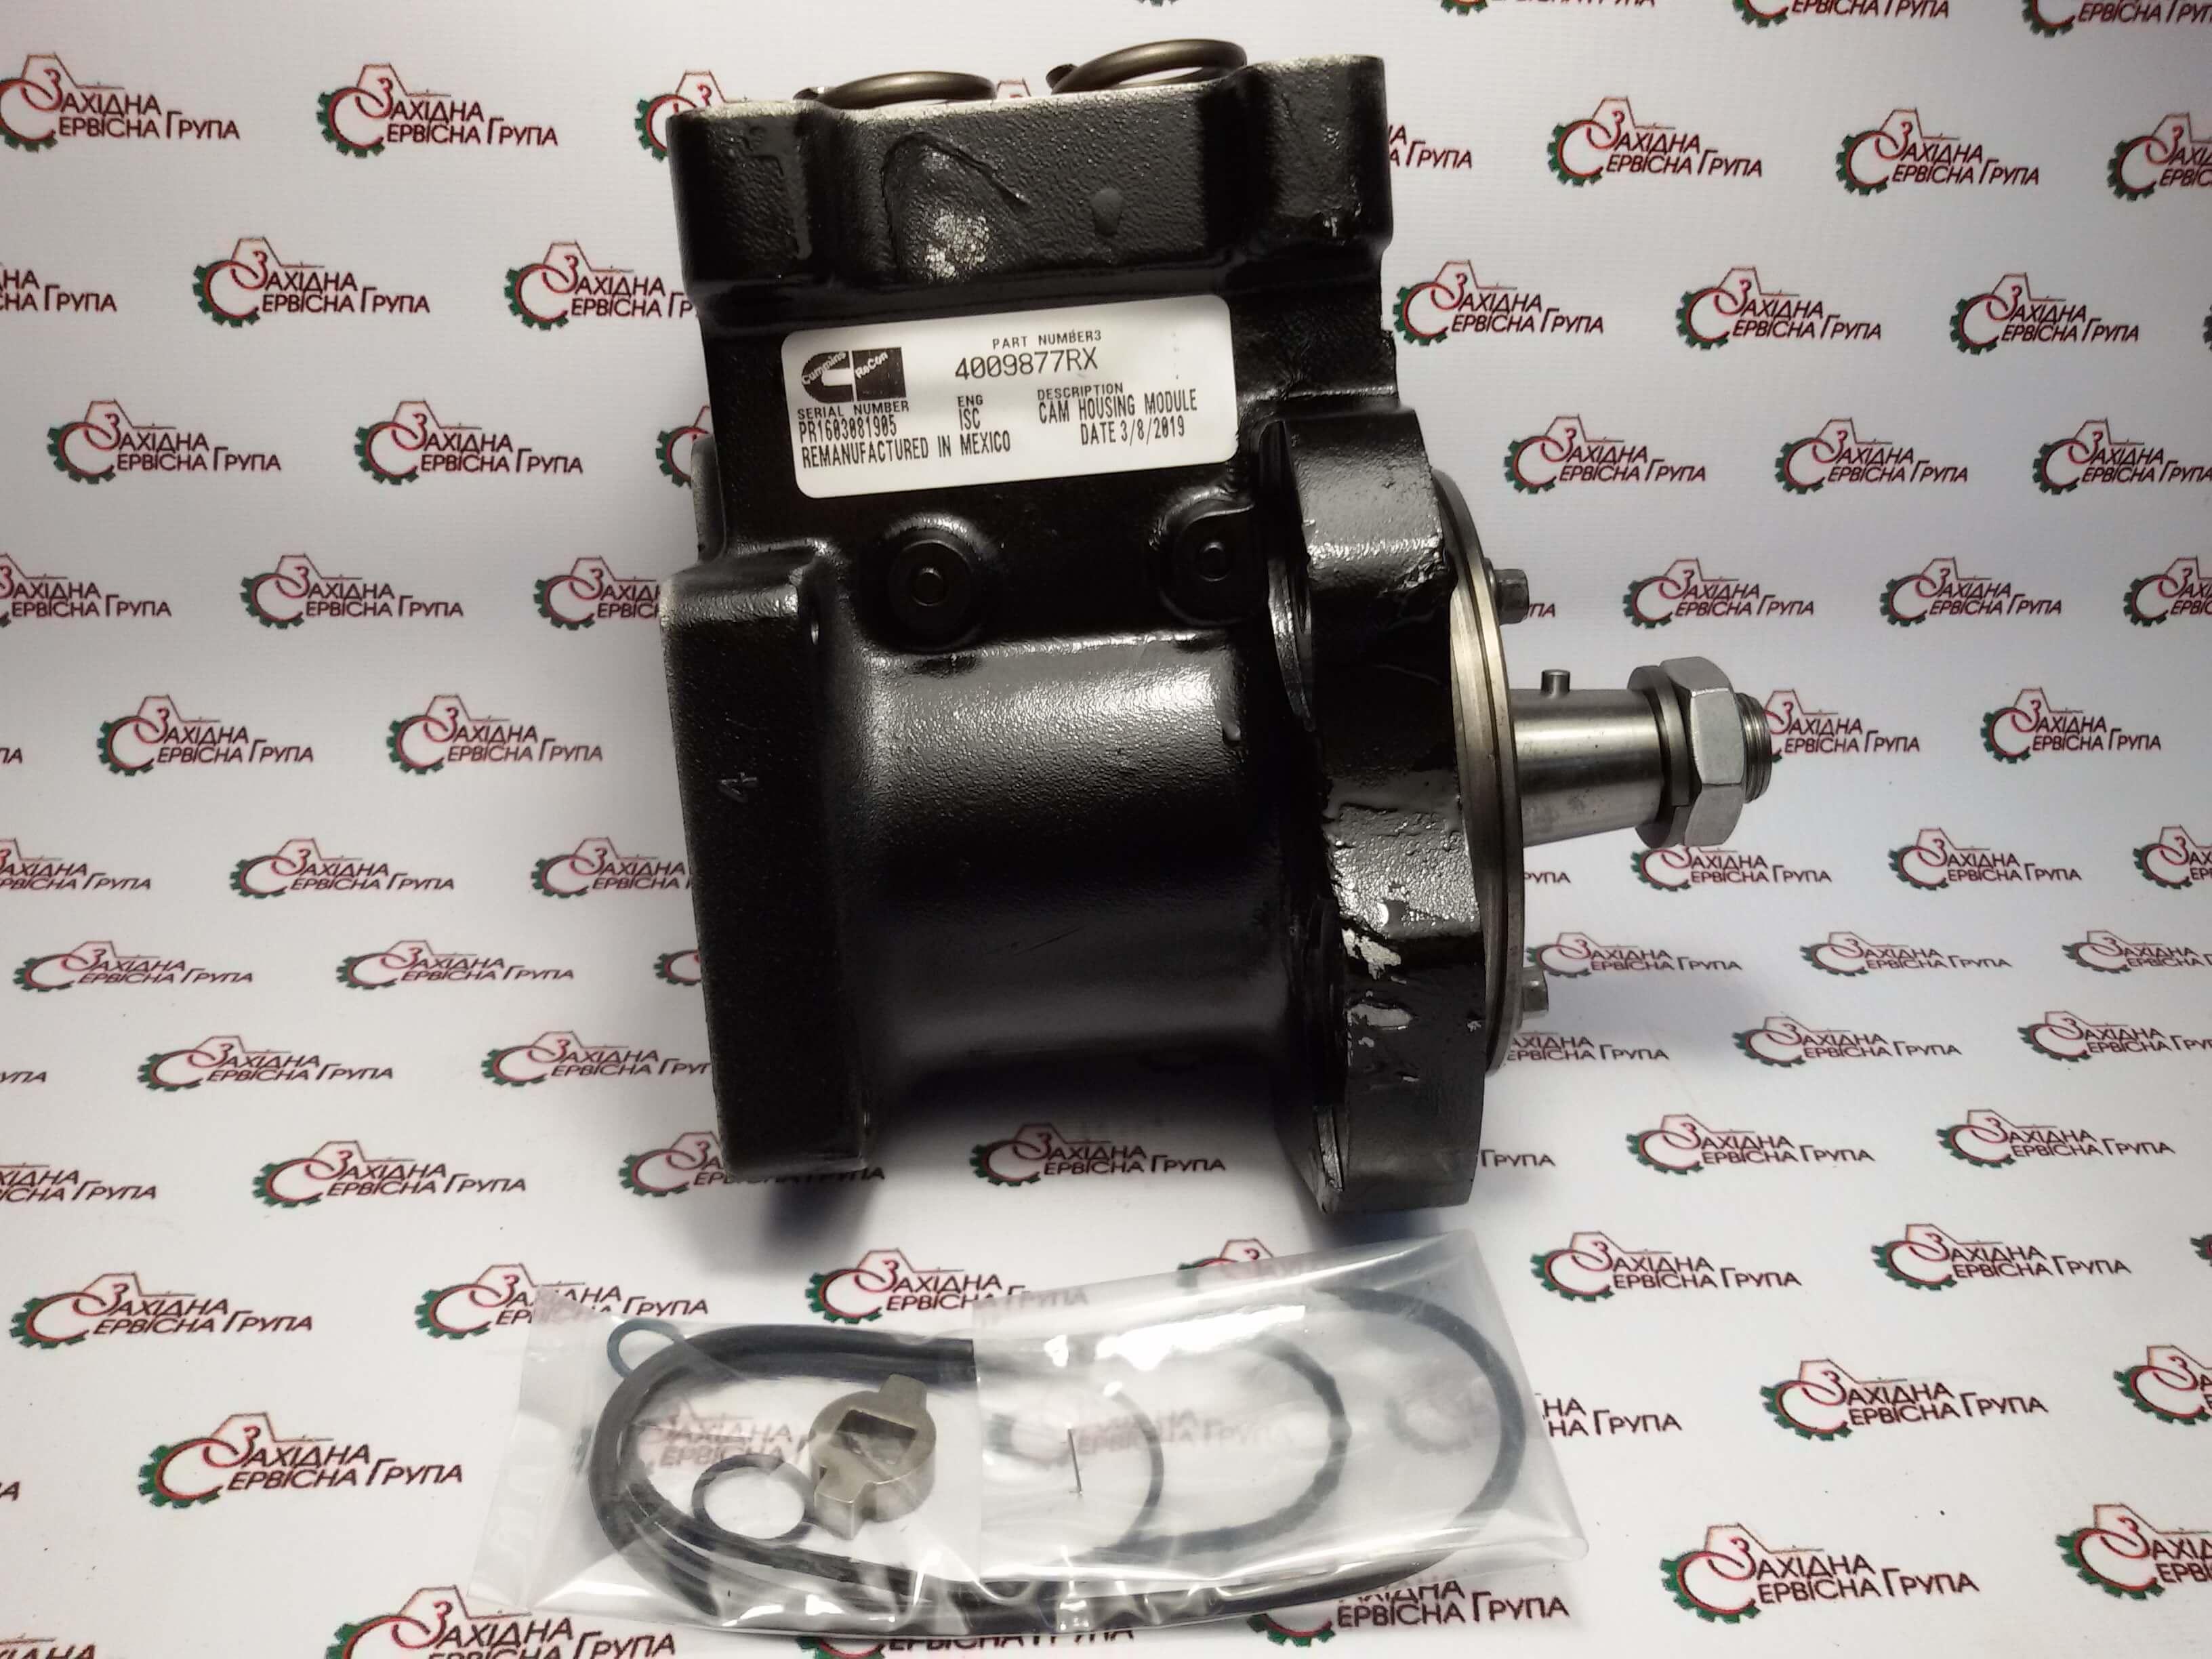 Привод топливного насоса высокого давления Cummins QSC 8.3, QSL9, 4009877, 4088604.